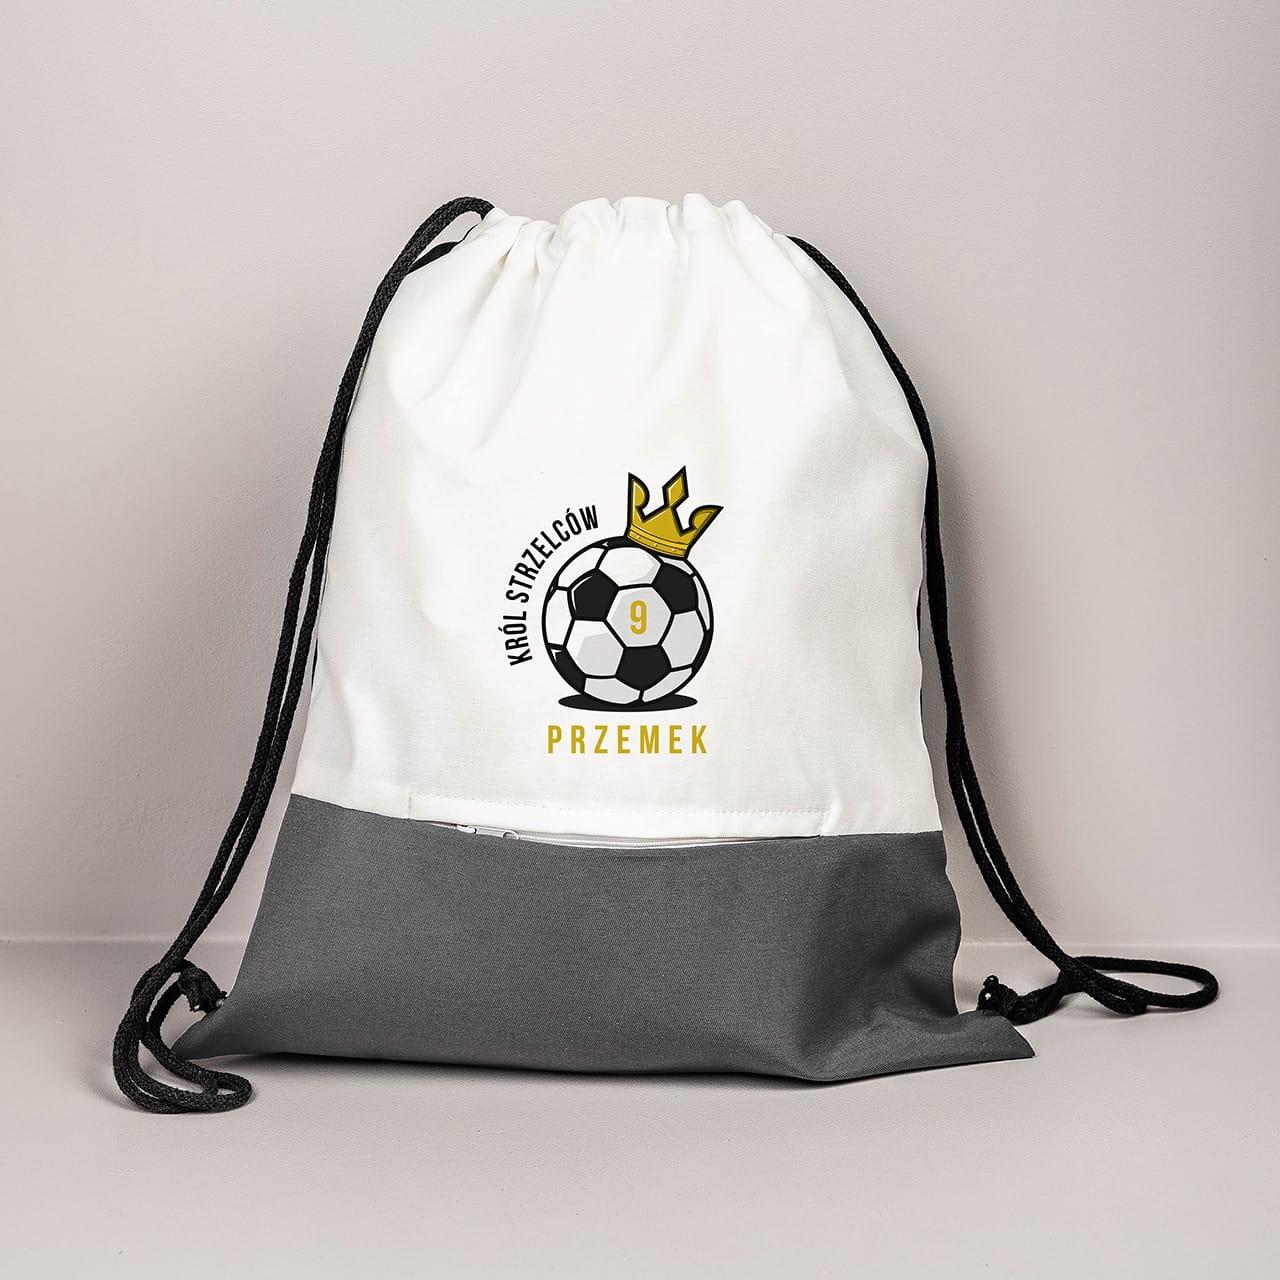 Plecak z imieniem to praktyczny prezent dla piłkarza